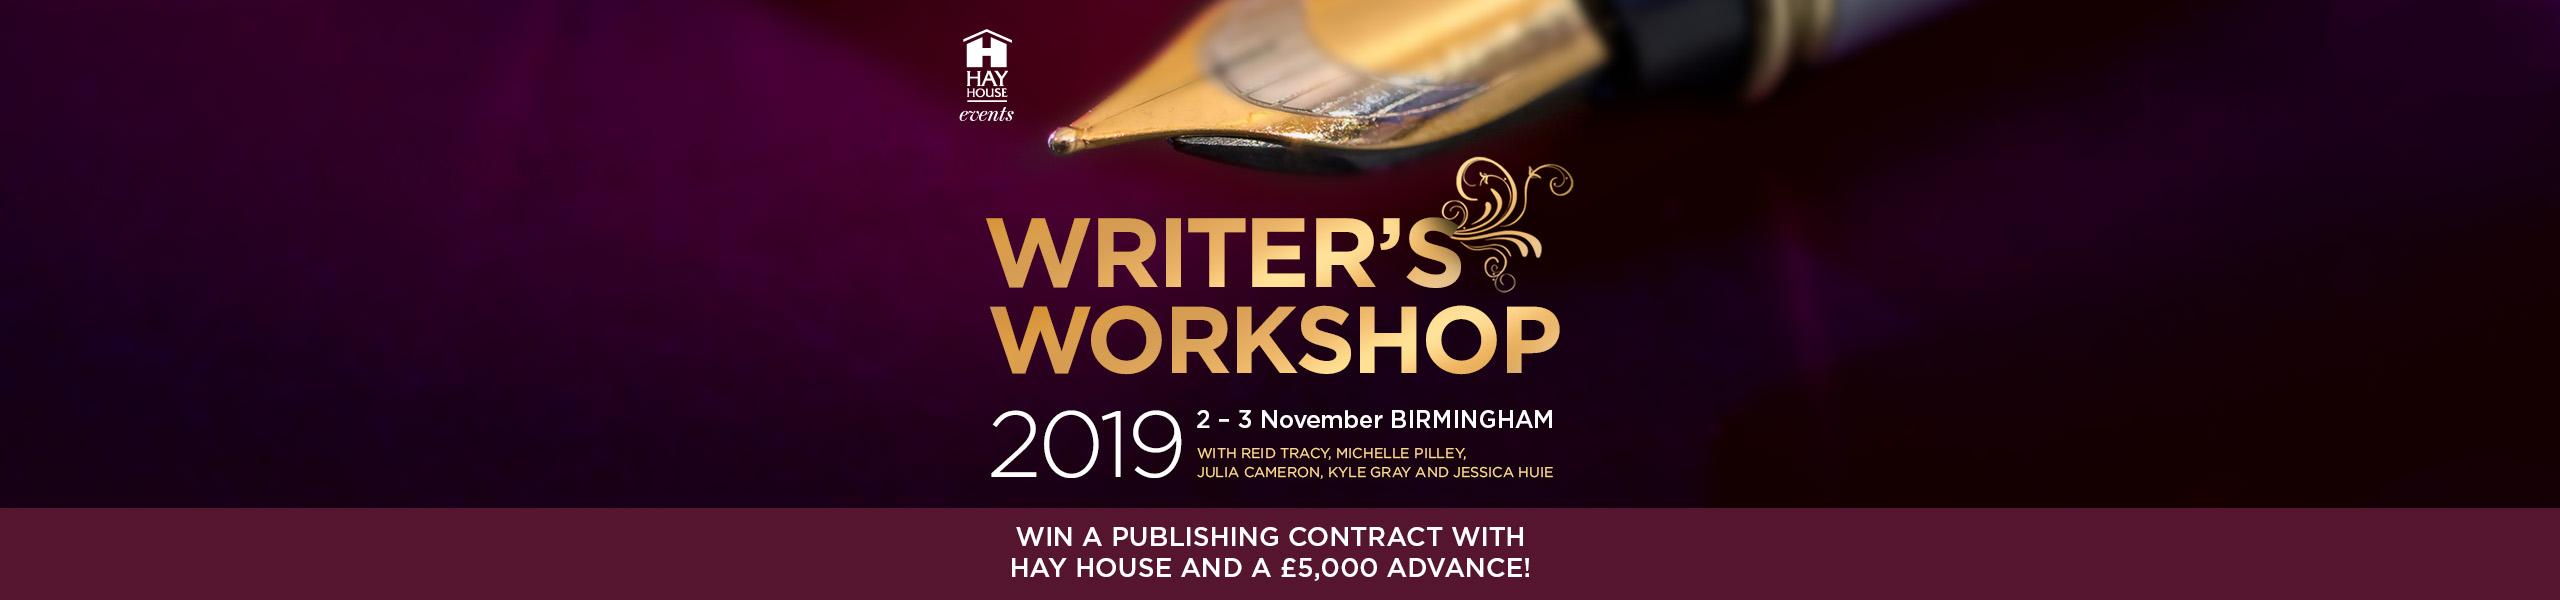 Writer's Workshop 2019 Birmingham